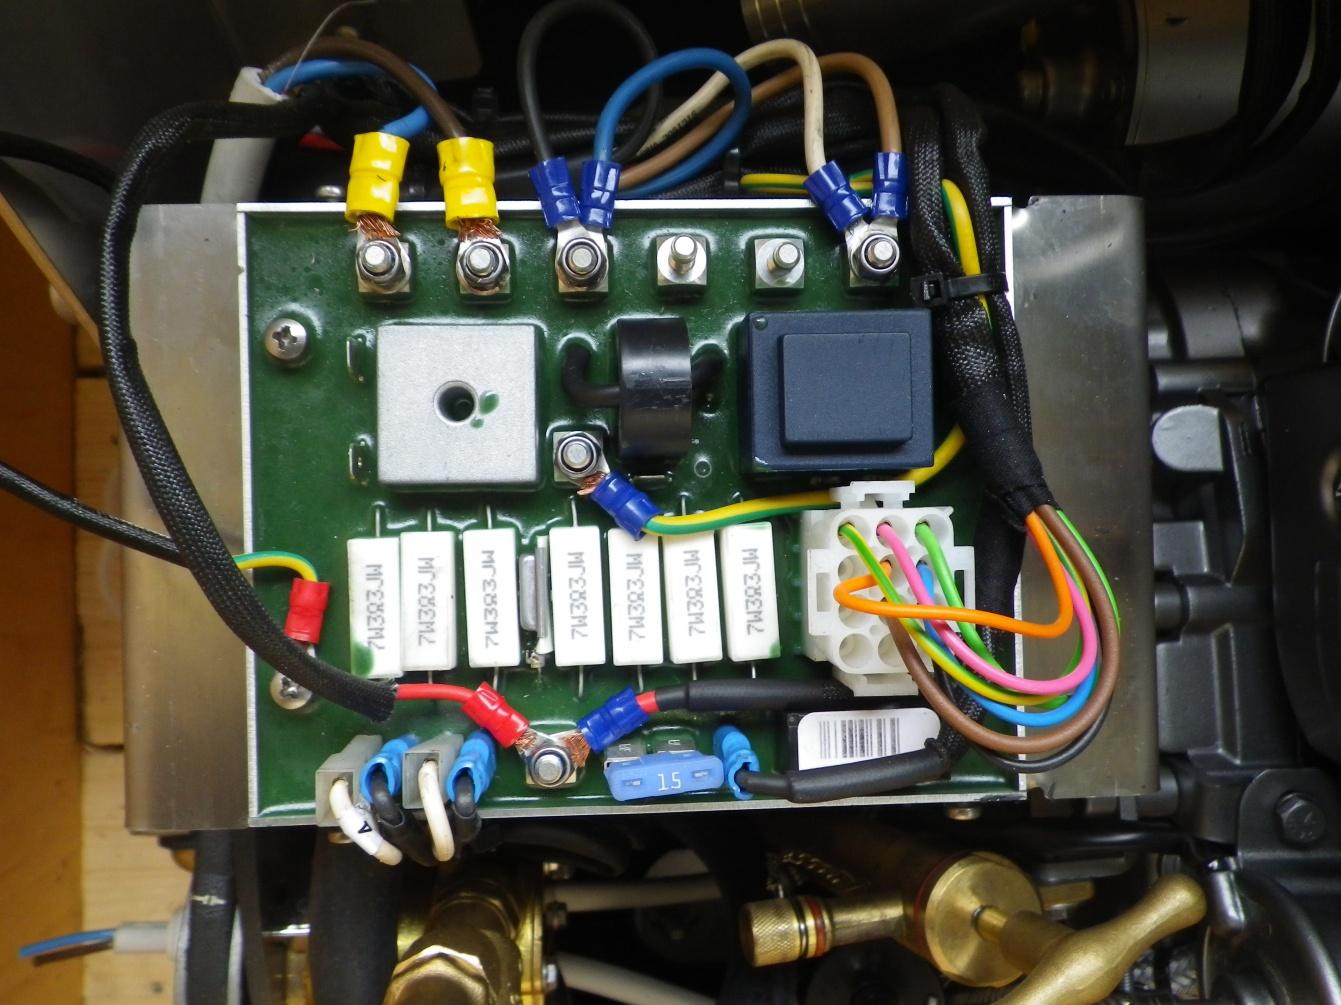 Click image for larger version  Name:LMG4000 230V wring.jpg Views:105 Size:417.0 KB ID:122516